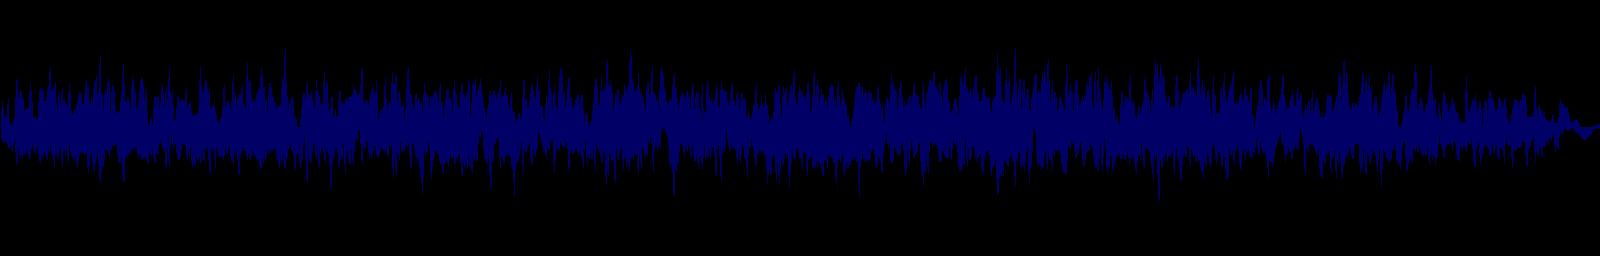 waveform of track #114604